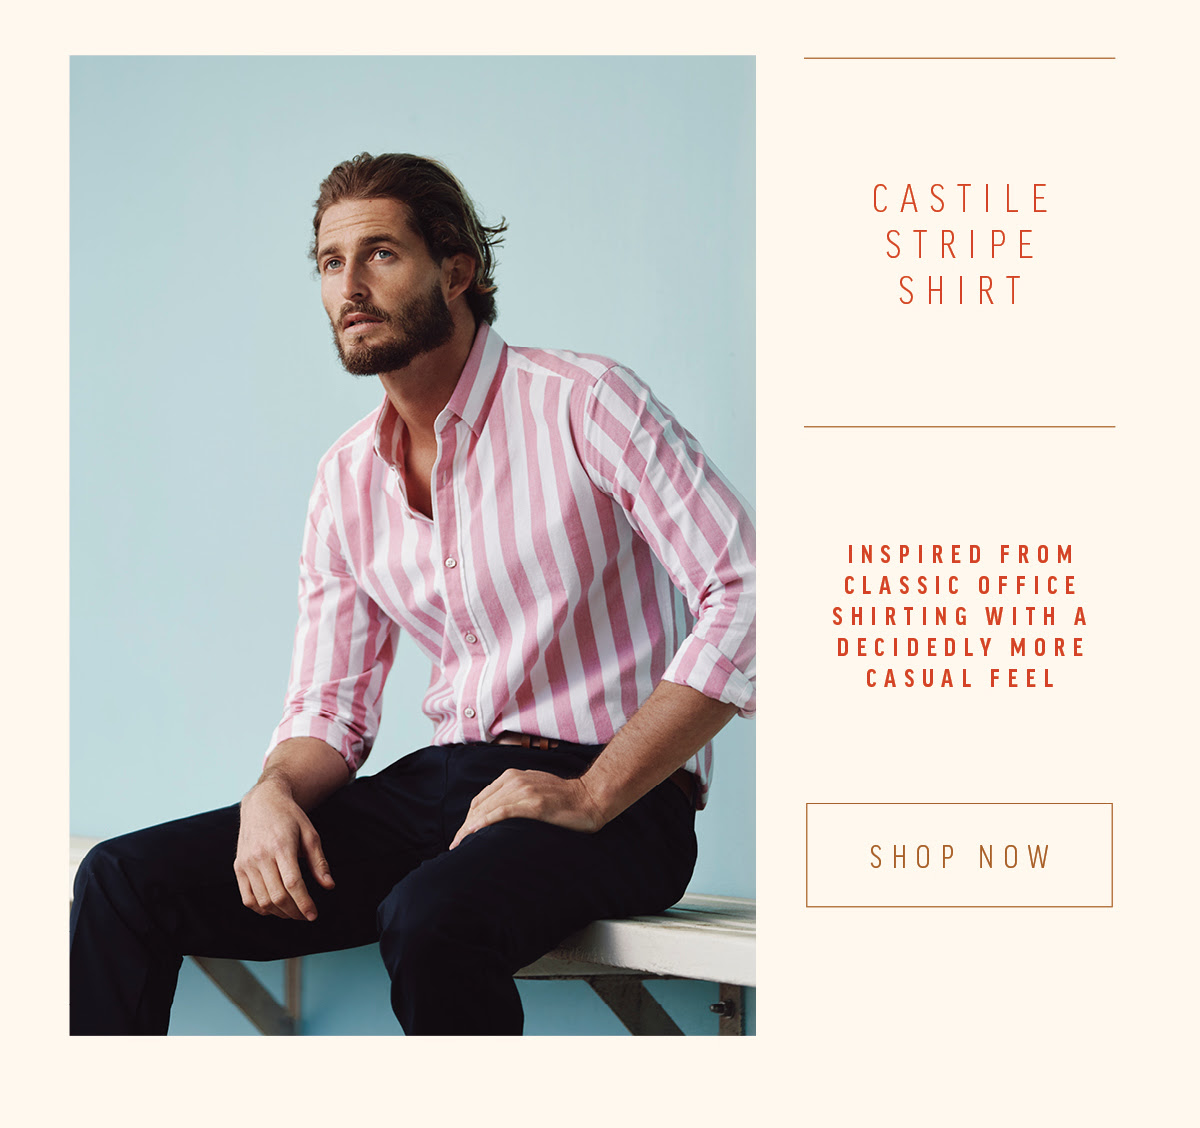 Castile Stripe Shirt